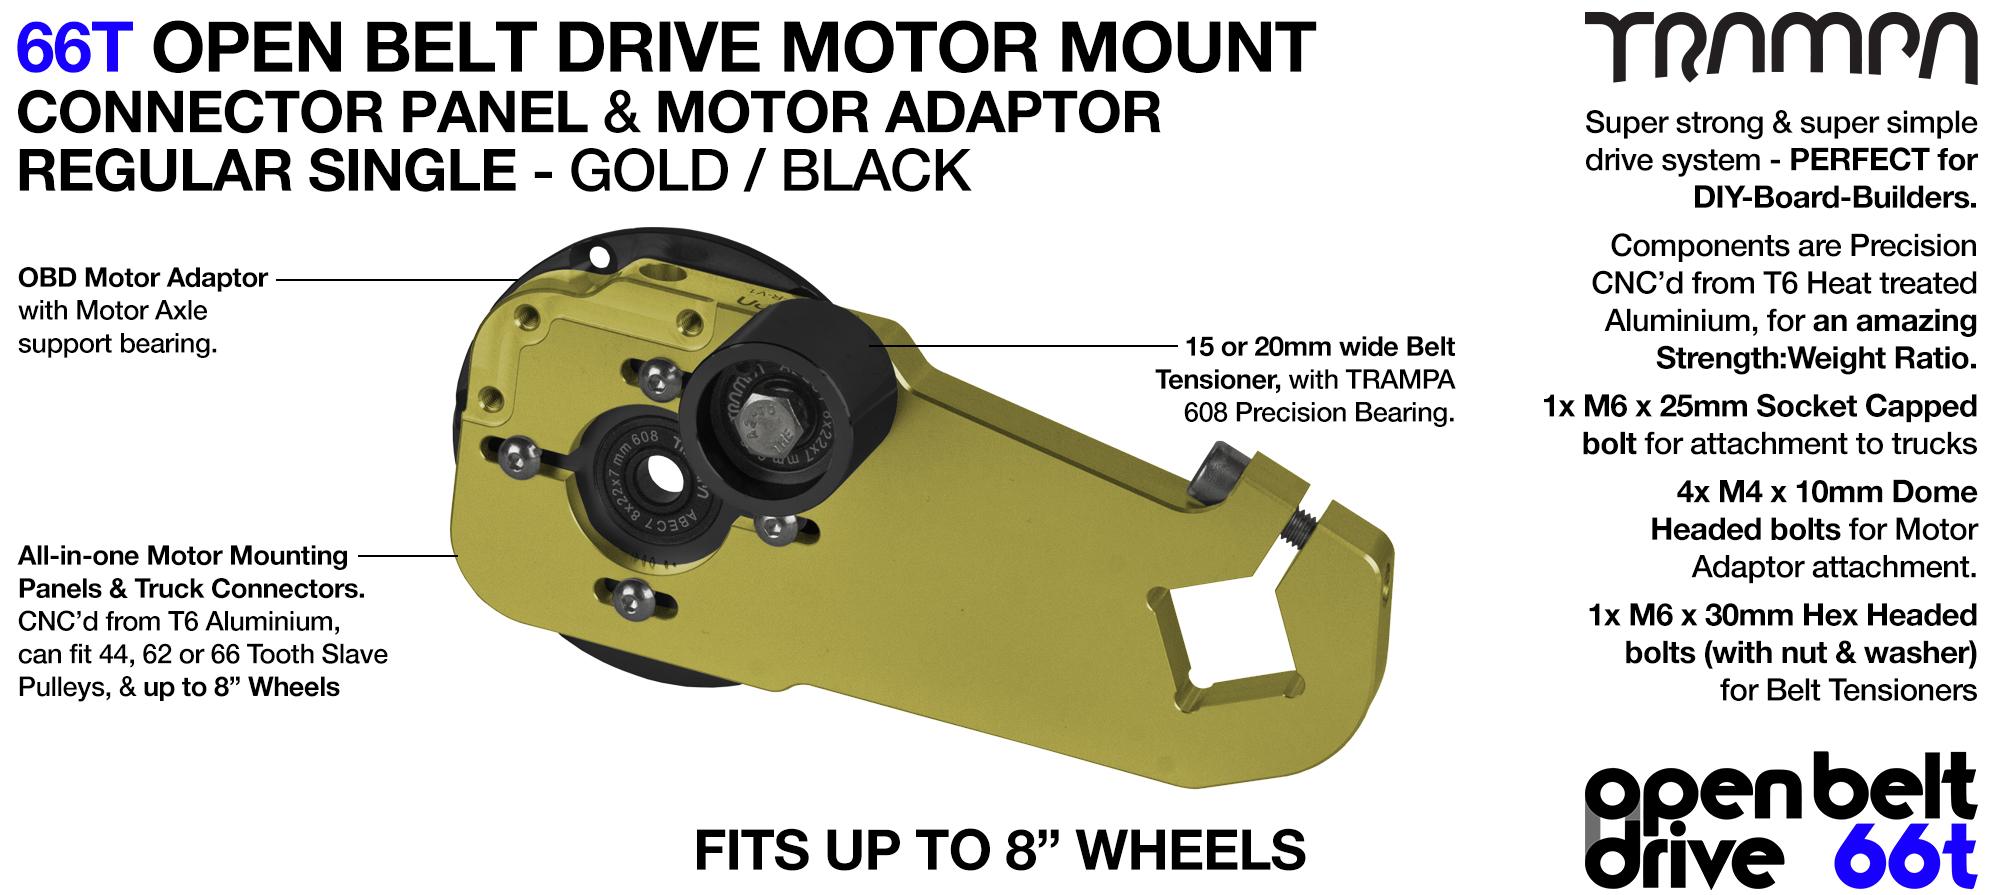 66T OPEN BELT DRIVE Motor Mount & Motor Adaptor - SINGLE GOLD